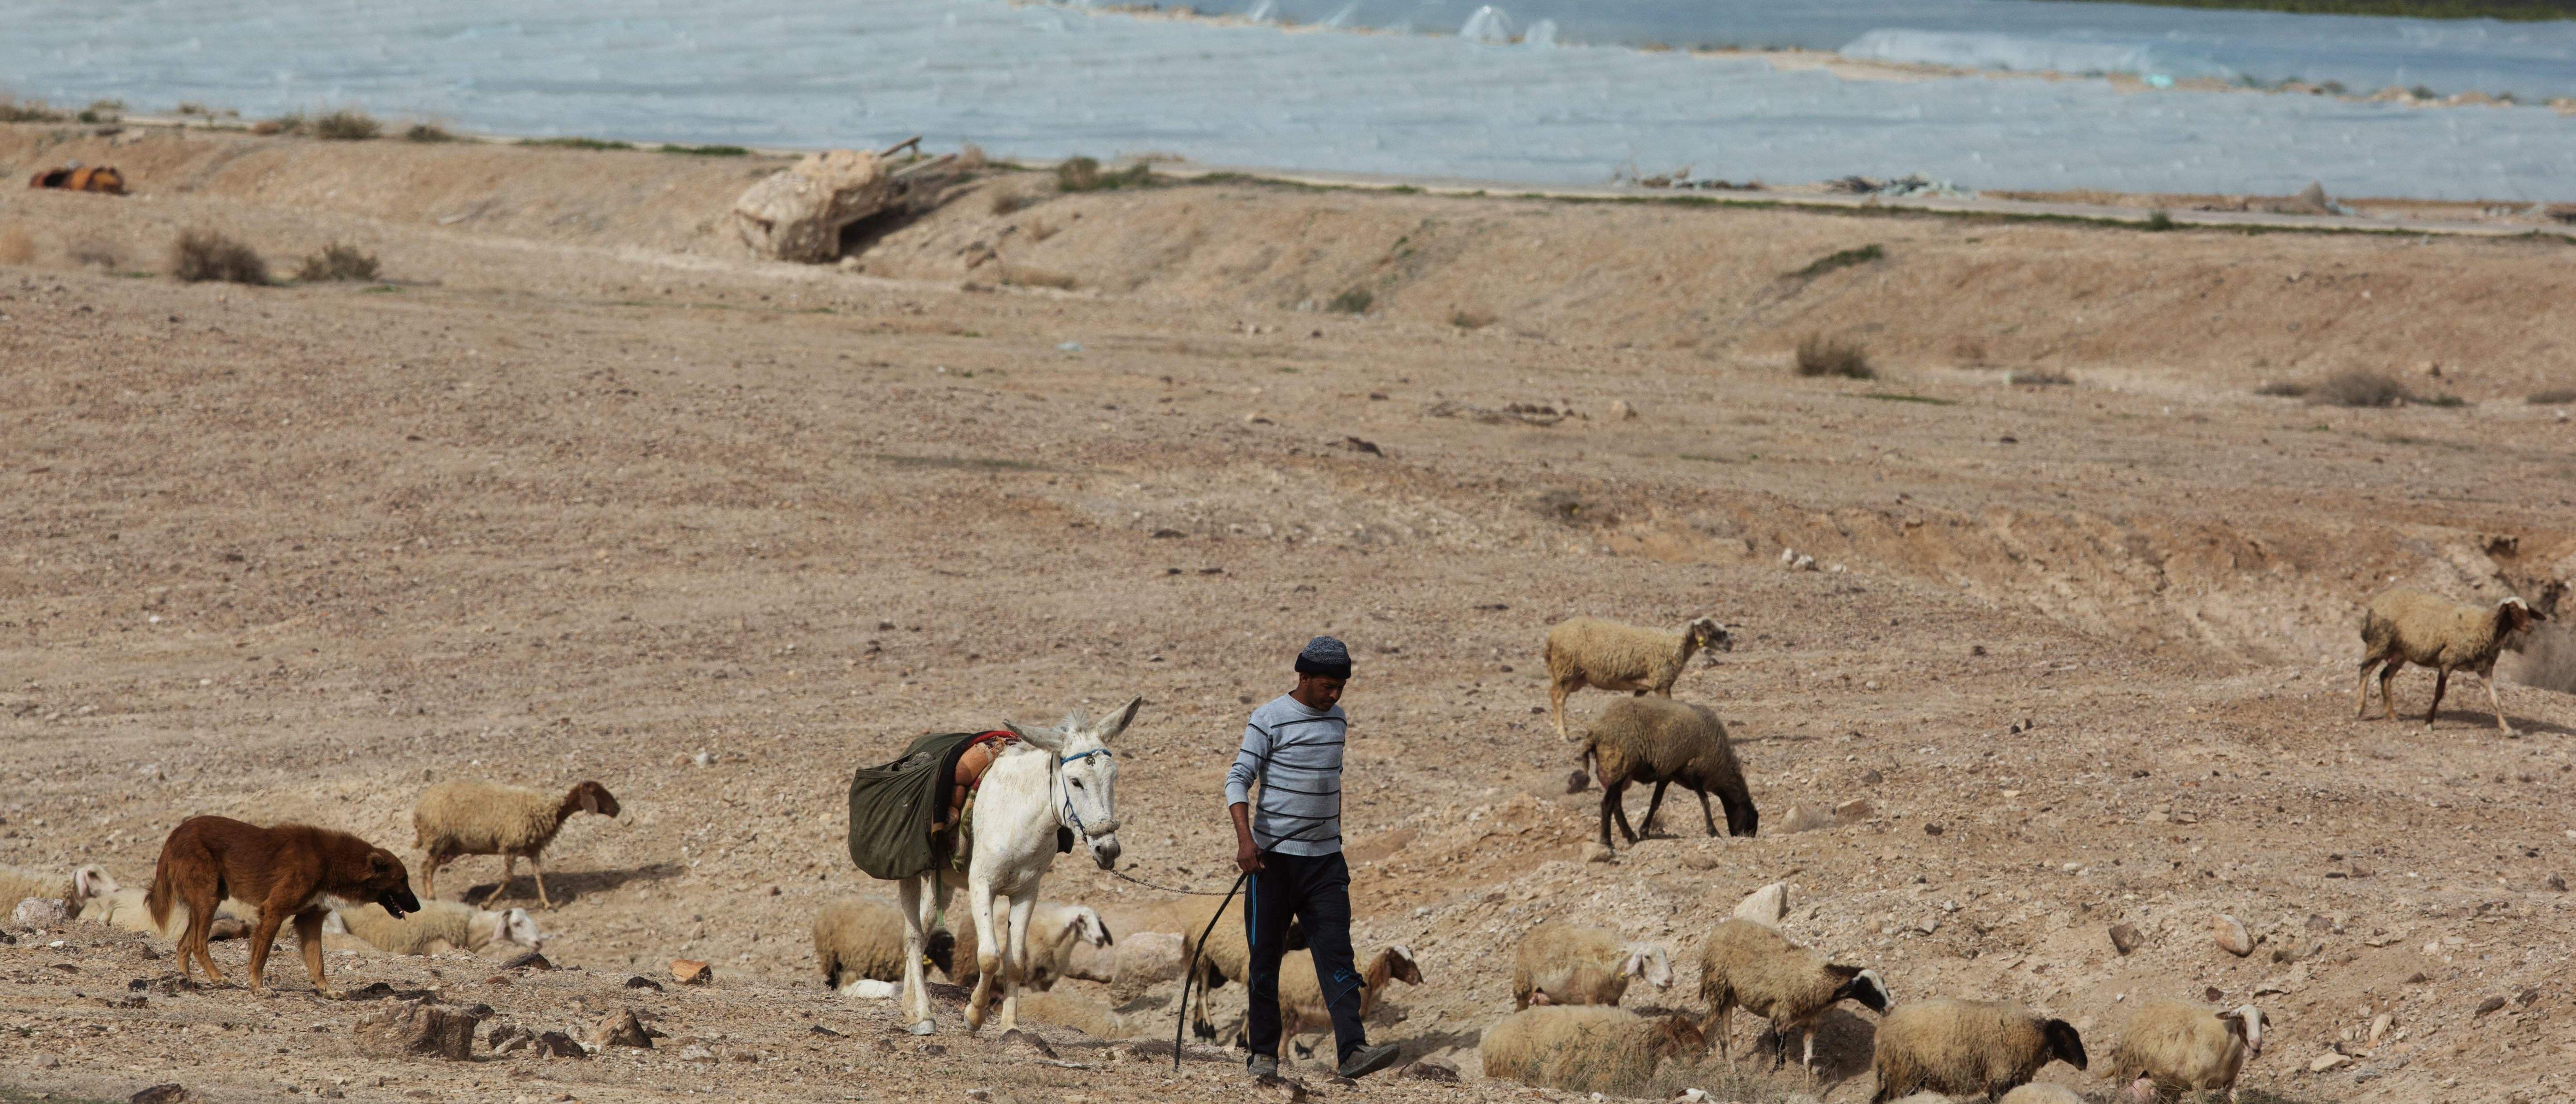 West Bank Land Grab